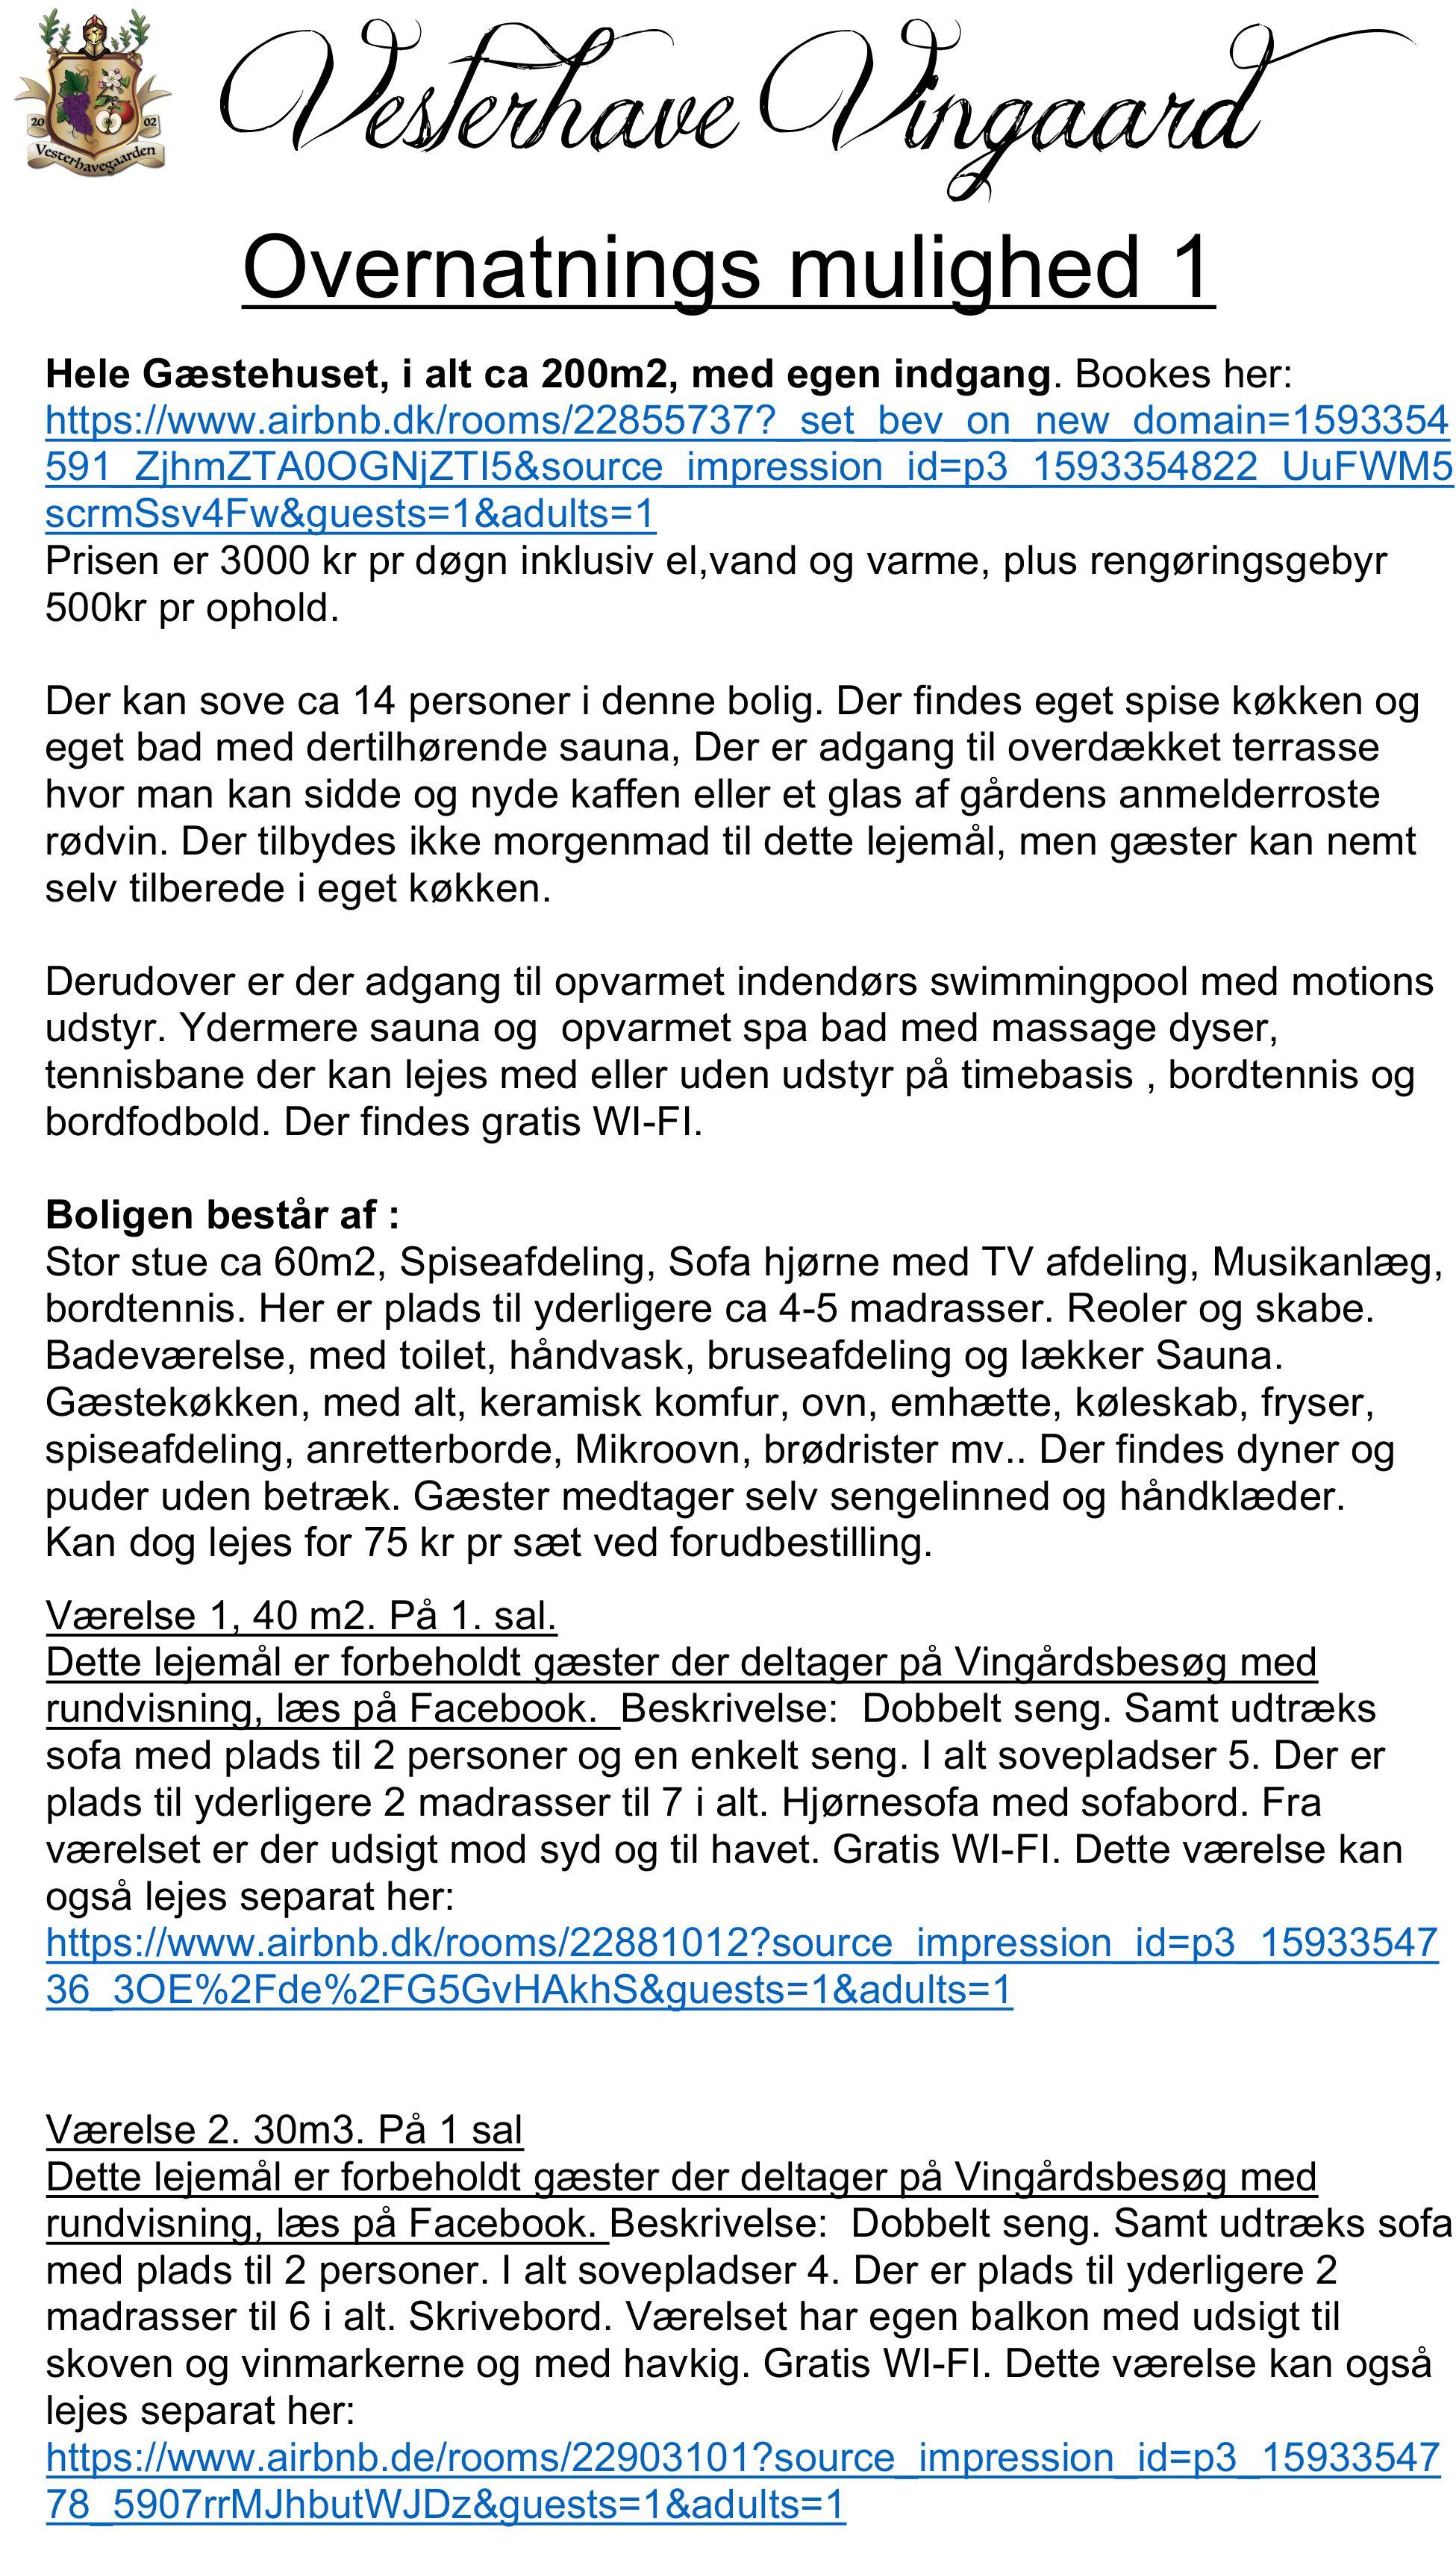 VINGÅRDSBESØG 9-25, MED RUNDVISNING 25.9.21 kl 15